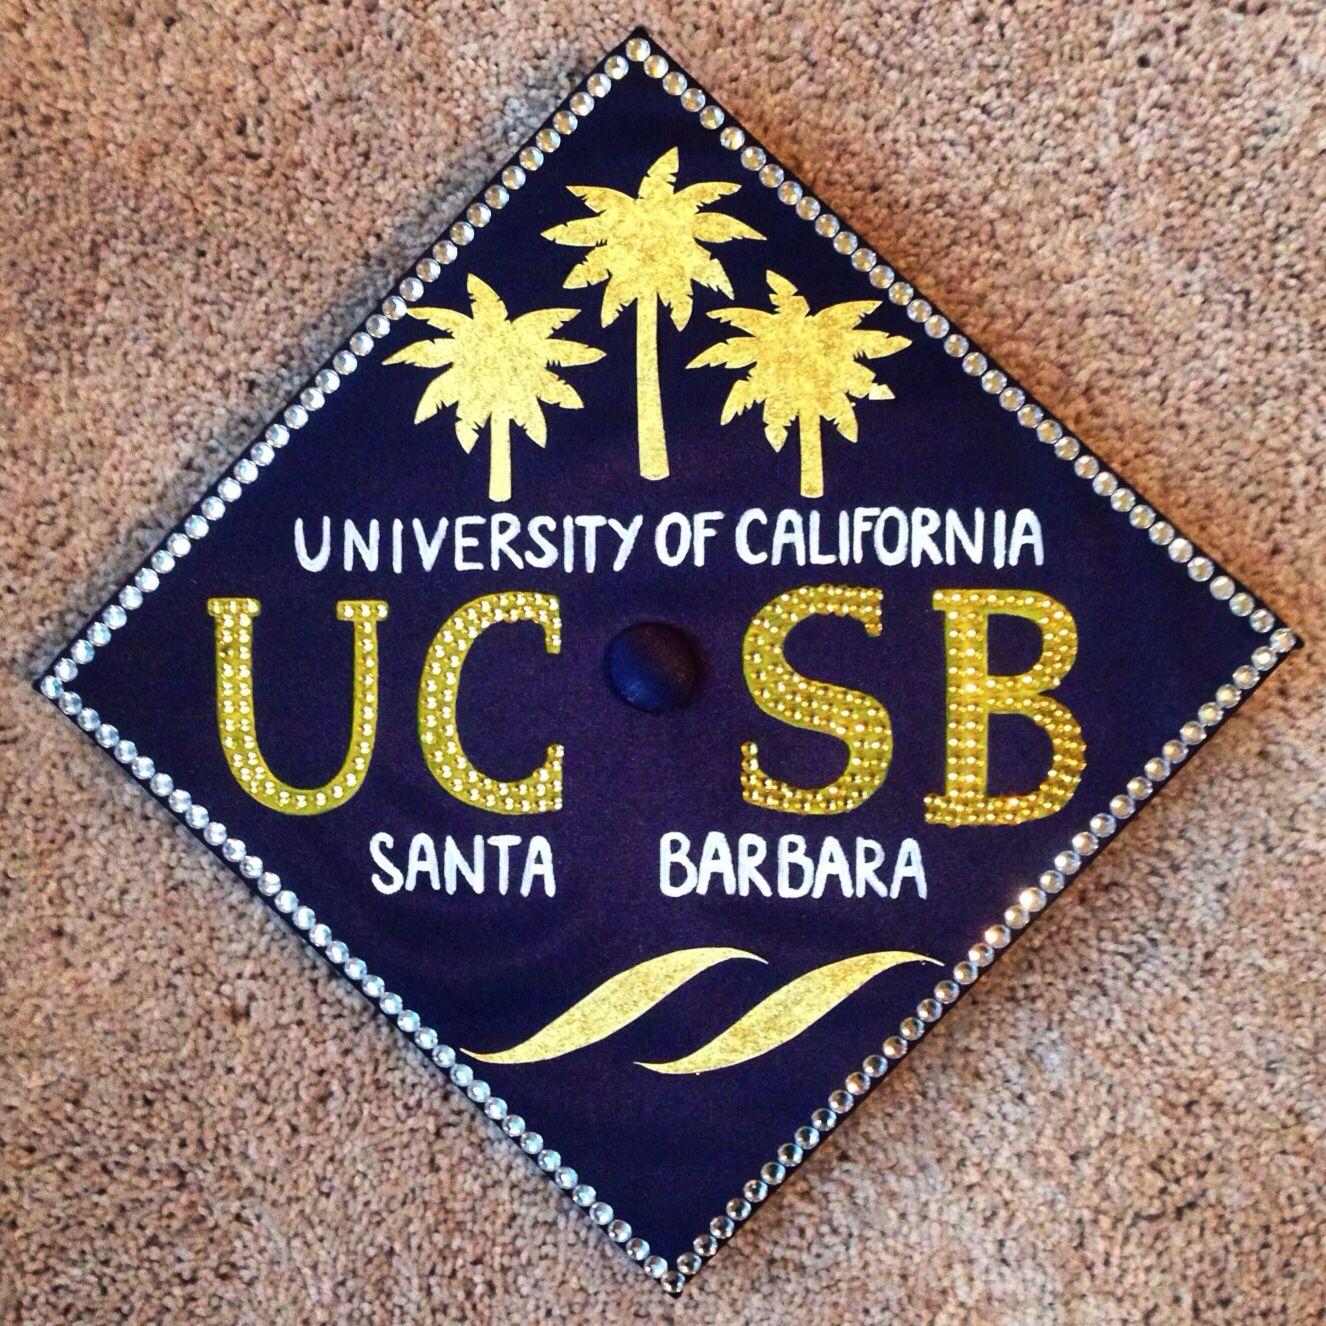 UCSB grad cap idea | Grad cap | Pinterest | Grad cap, Cap and Grad ...